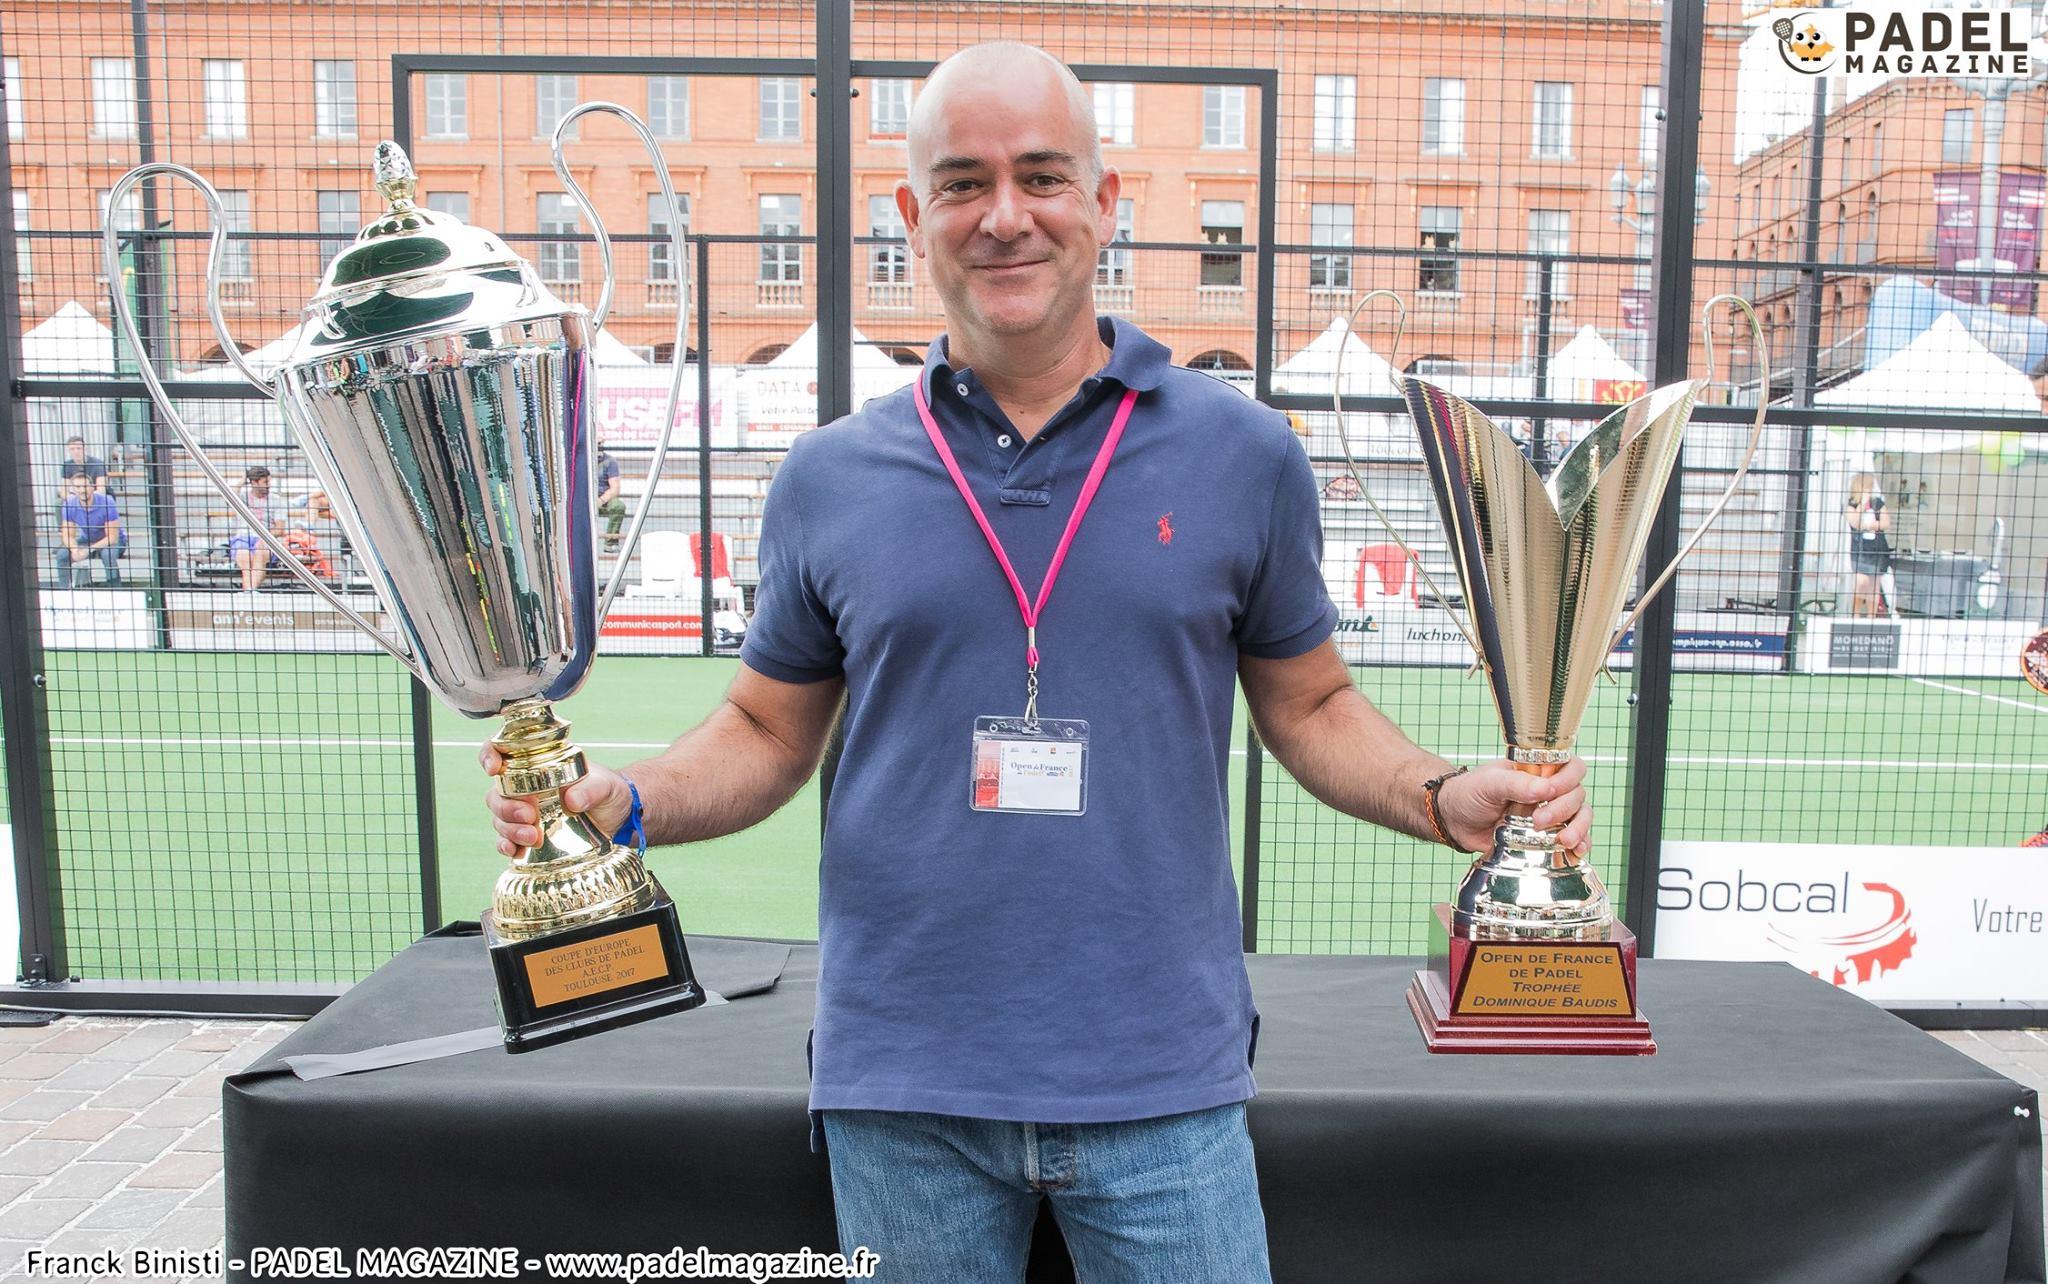 Euro Padel Va néixer la Copa: la 1a Copa d'Europa per a clubs padel